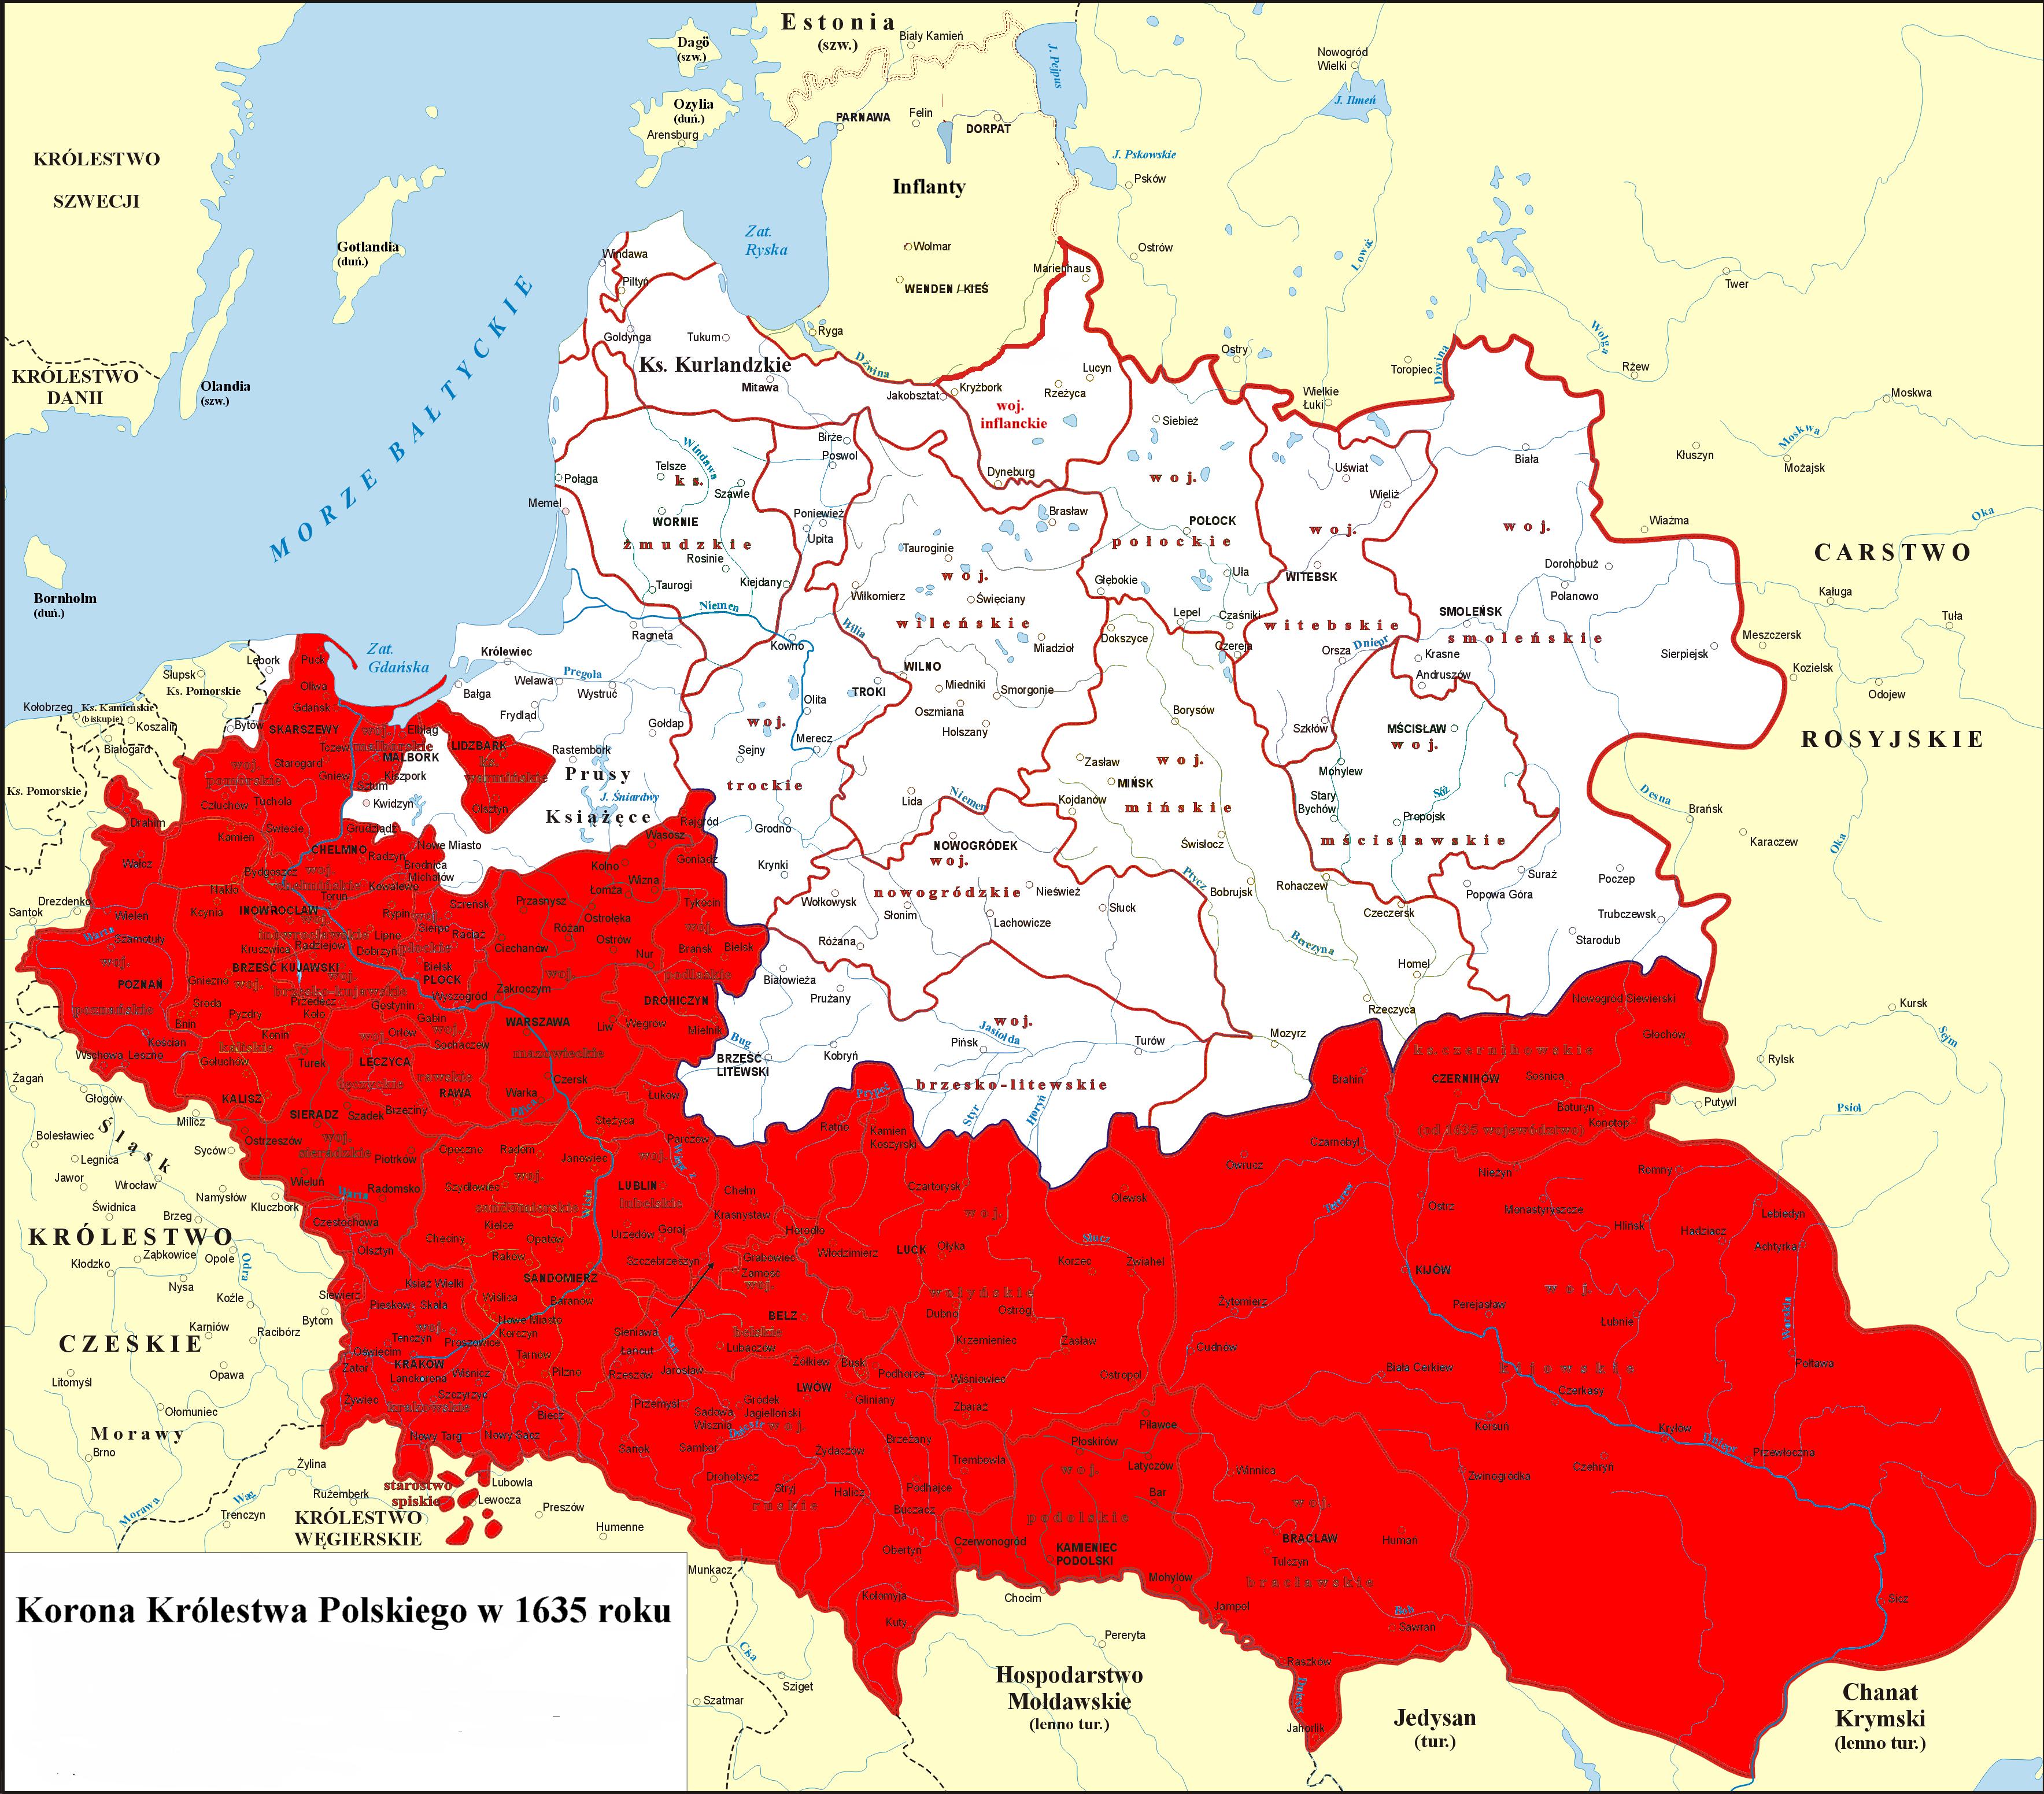 Polska była fenomenem na skalę świata